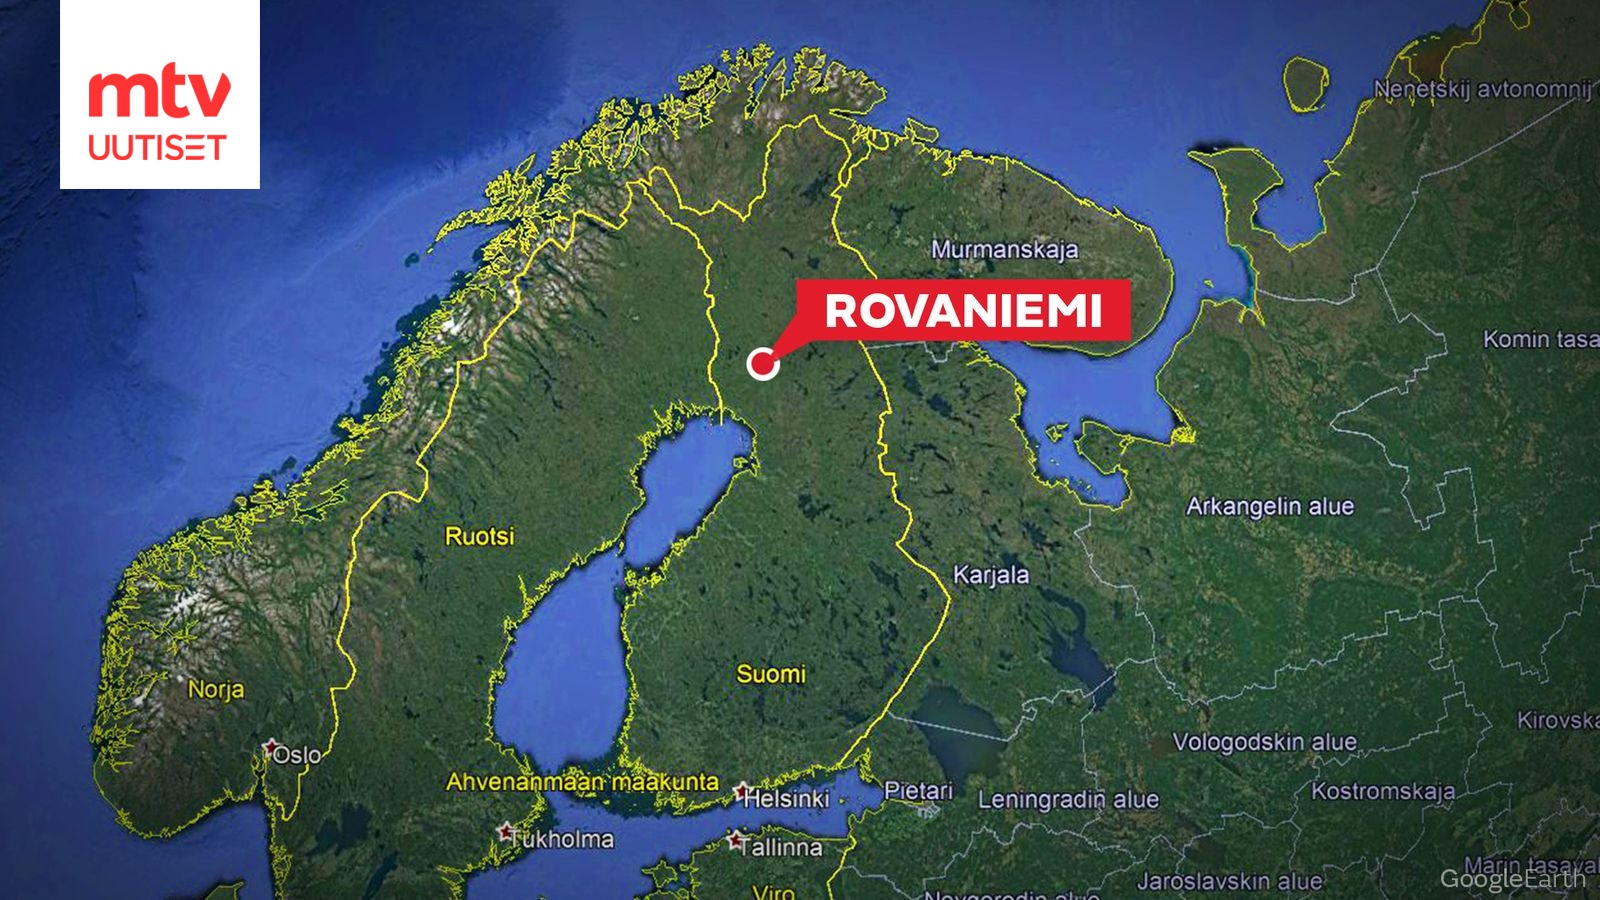 Poliisi Pyytaa Havaintoja Vakivallanteosta Rovaniemen Keskustassa